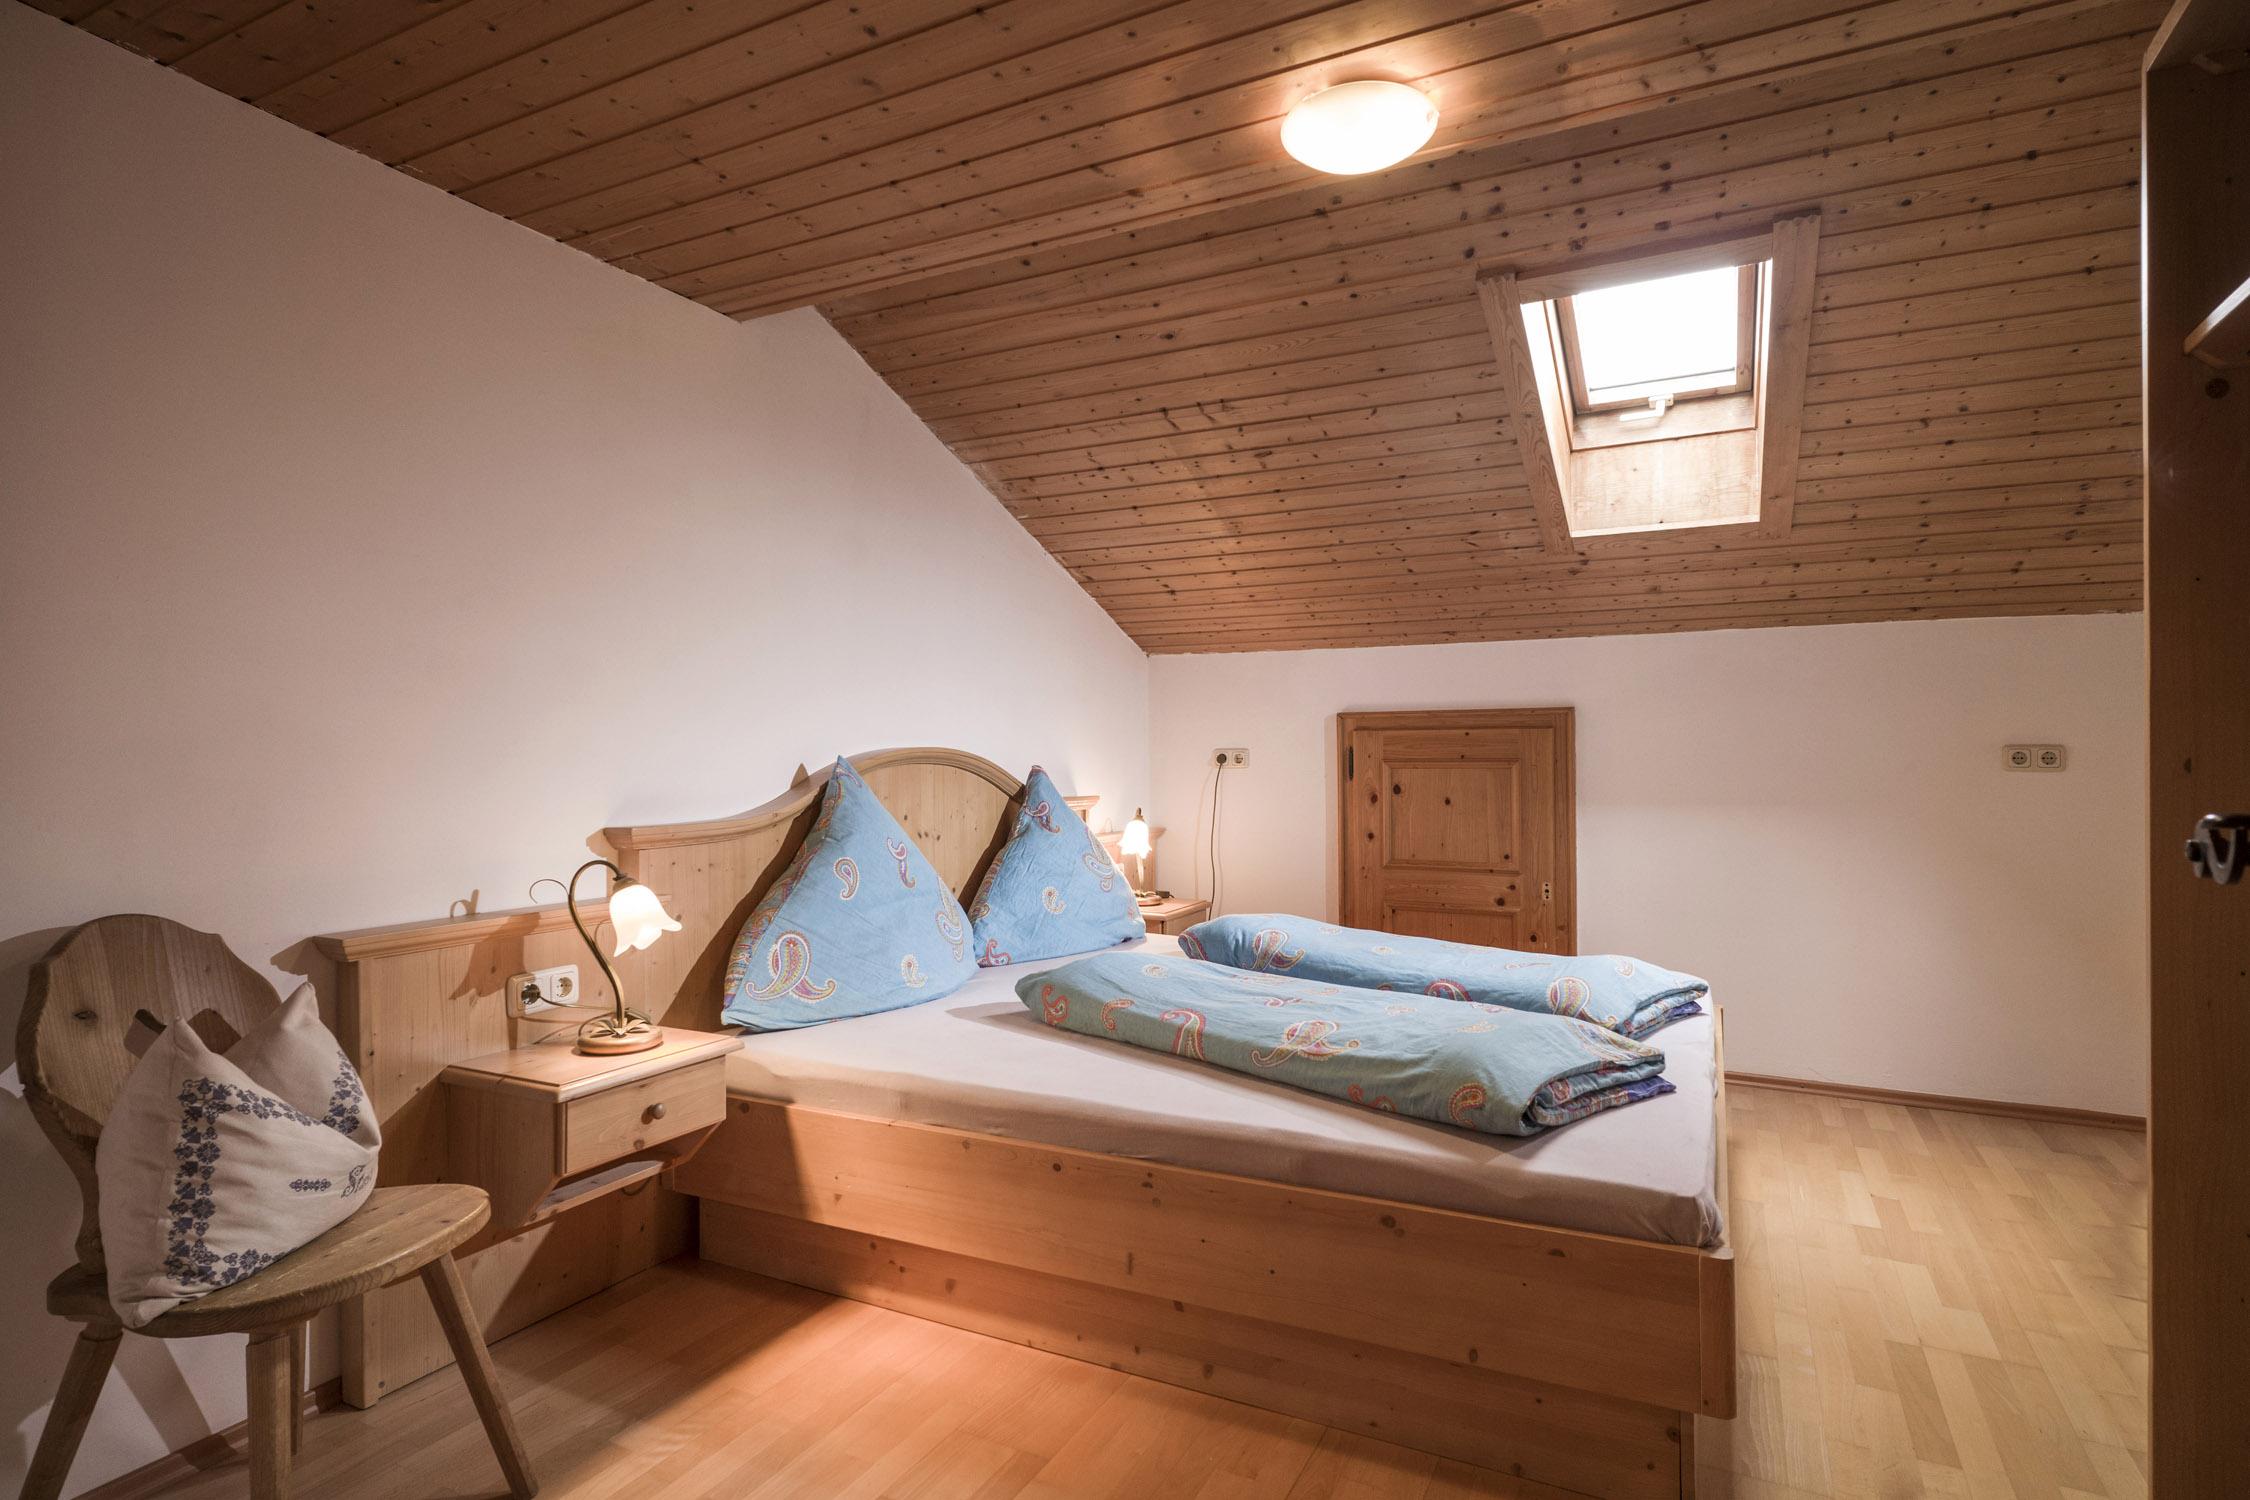 Ferienwohnung Probsthof (DE Oberaudorf). 3-Zimmer Ferienwohnung (711746), Oberaudorf, Chiemgau, Bayern, Deutschland, Bild 3